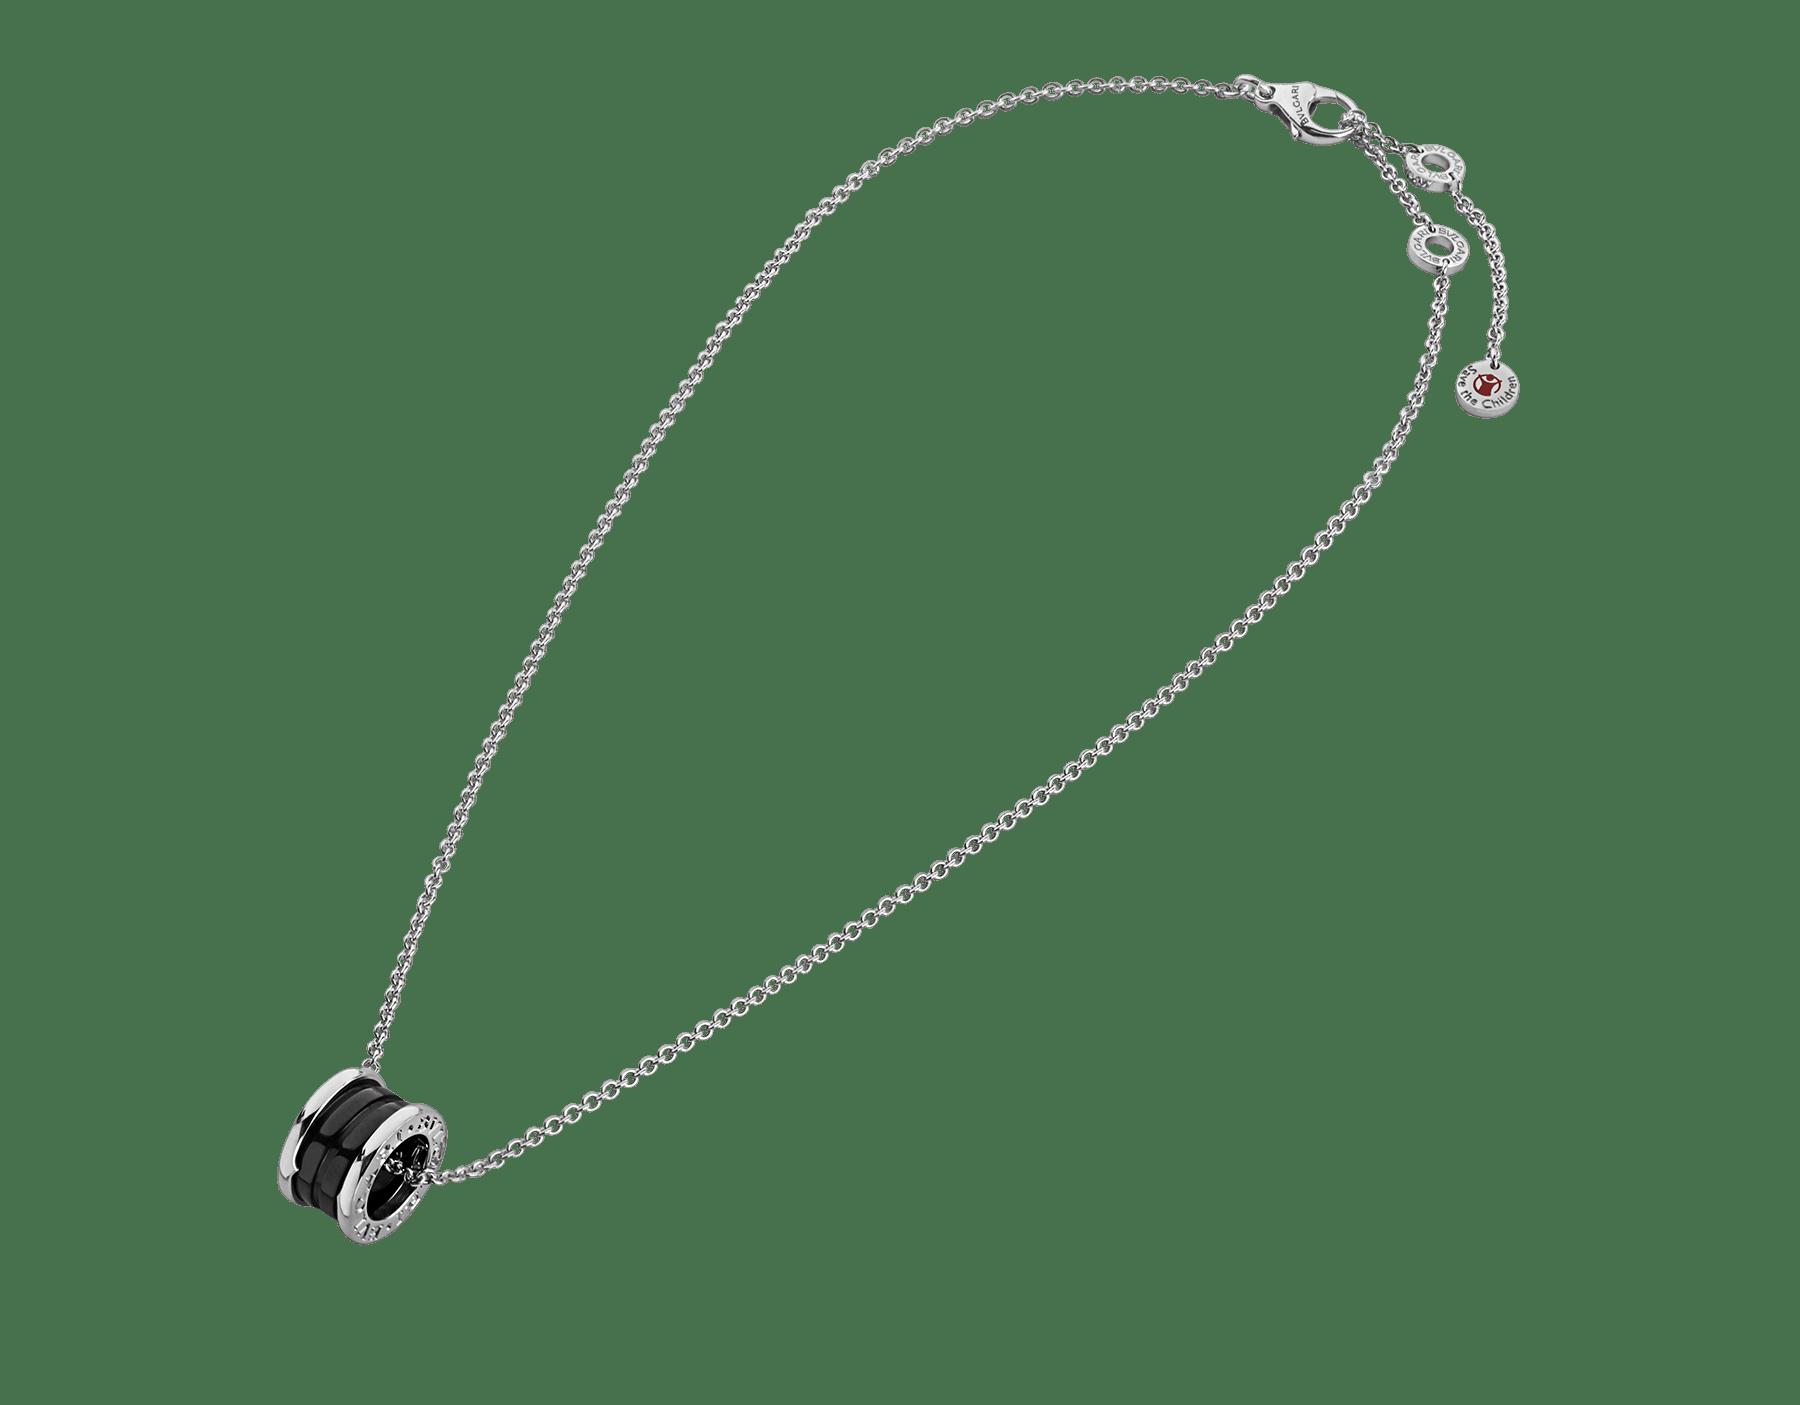 Colar Save the Children com pingente em prata de lei e cerâmica preta, e corrente em prata de lei 349634 image 2